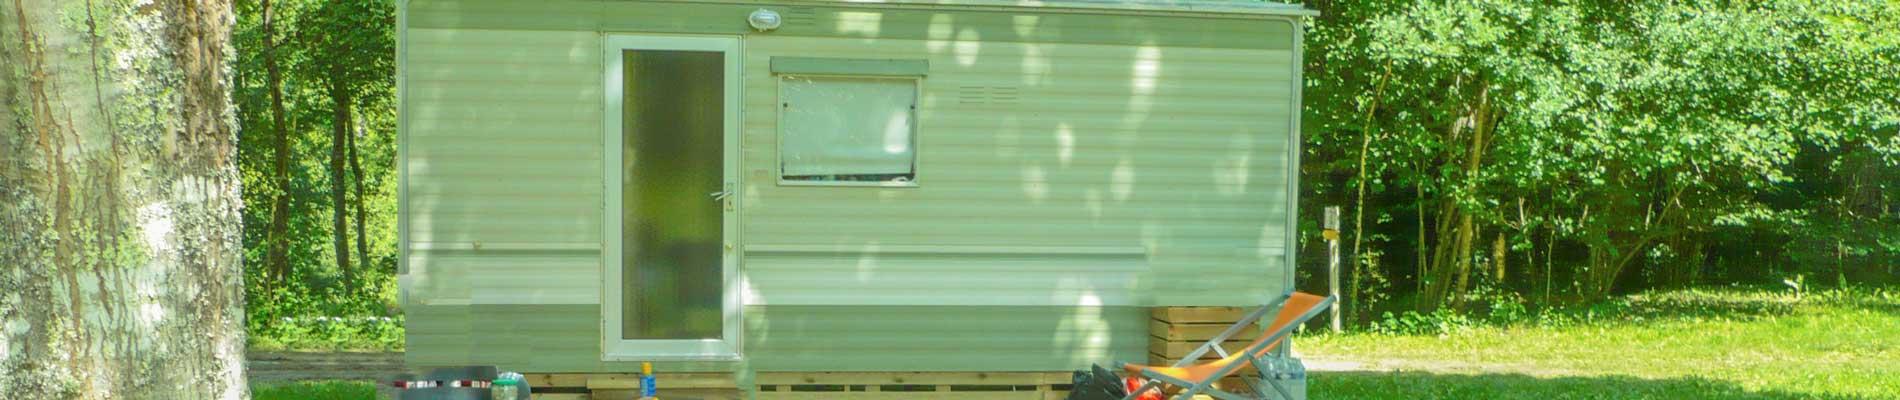 Location Mobil home 2 chambres Dordogne